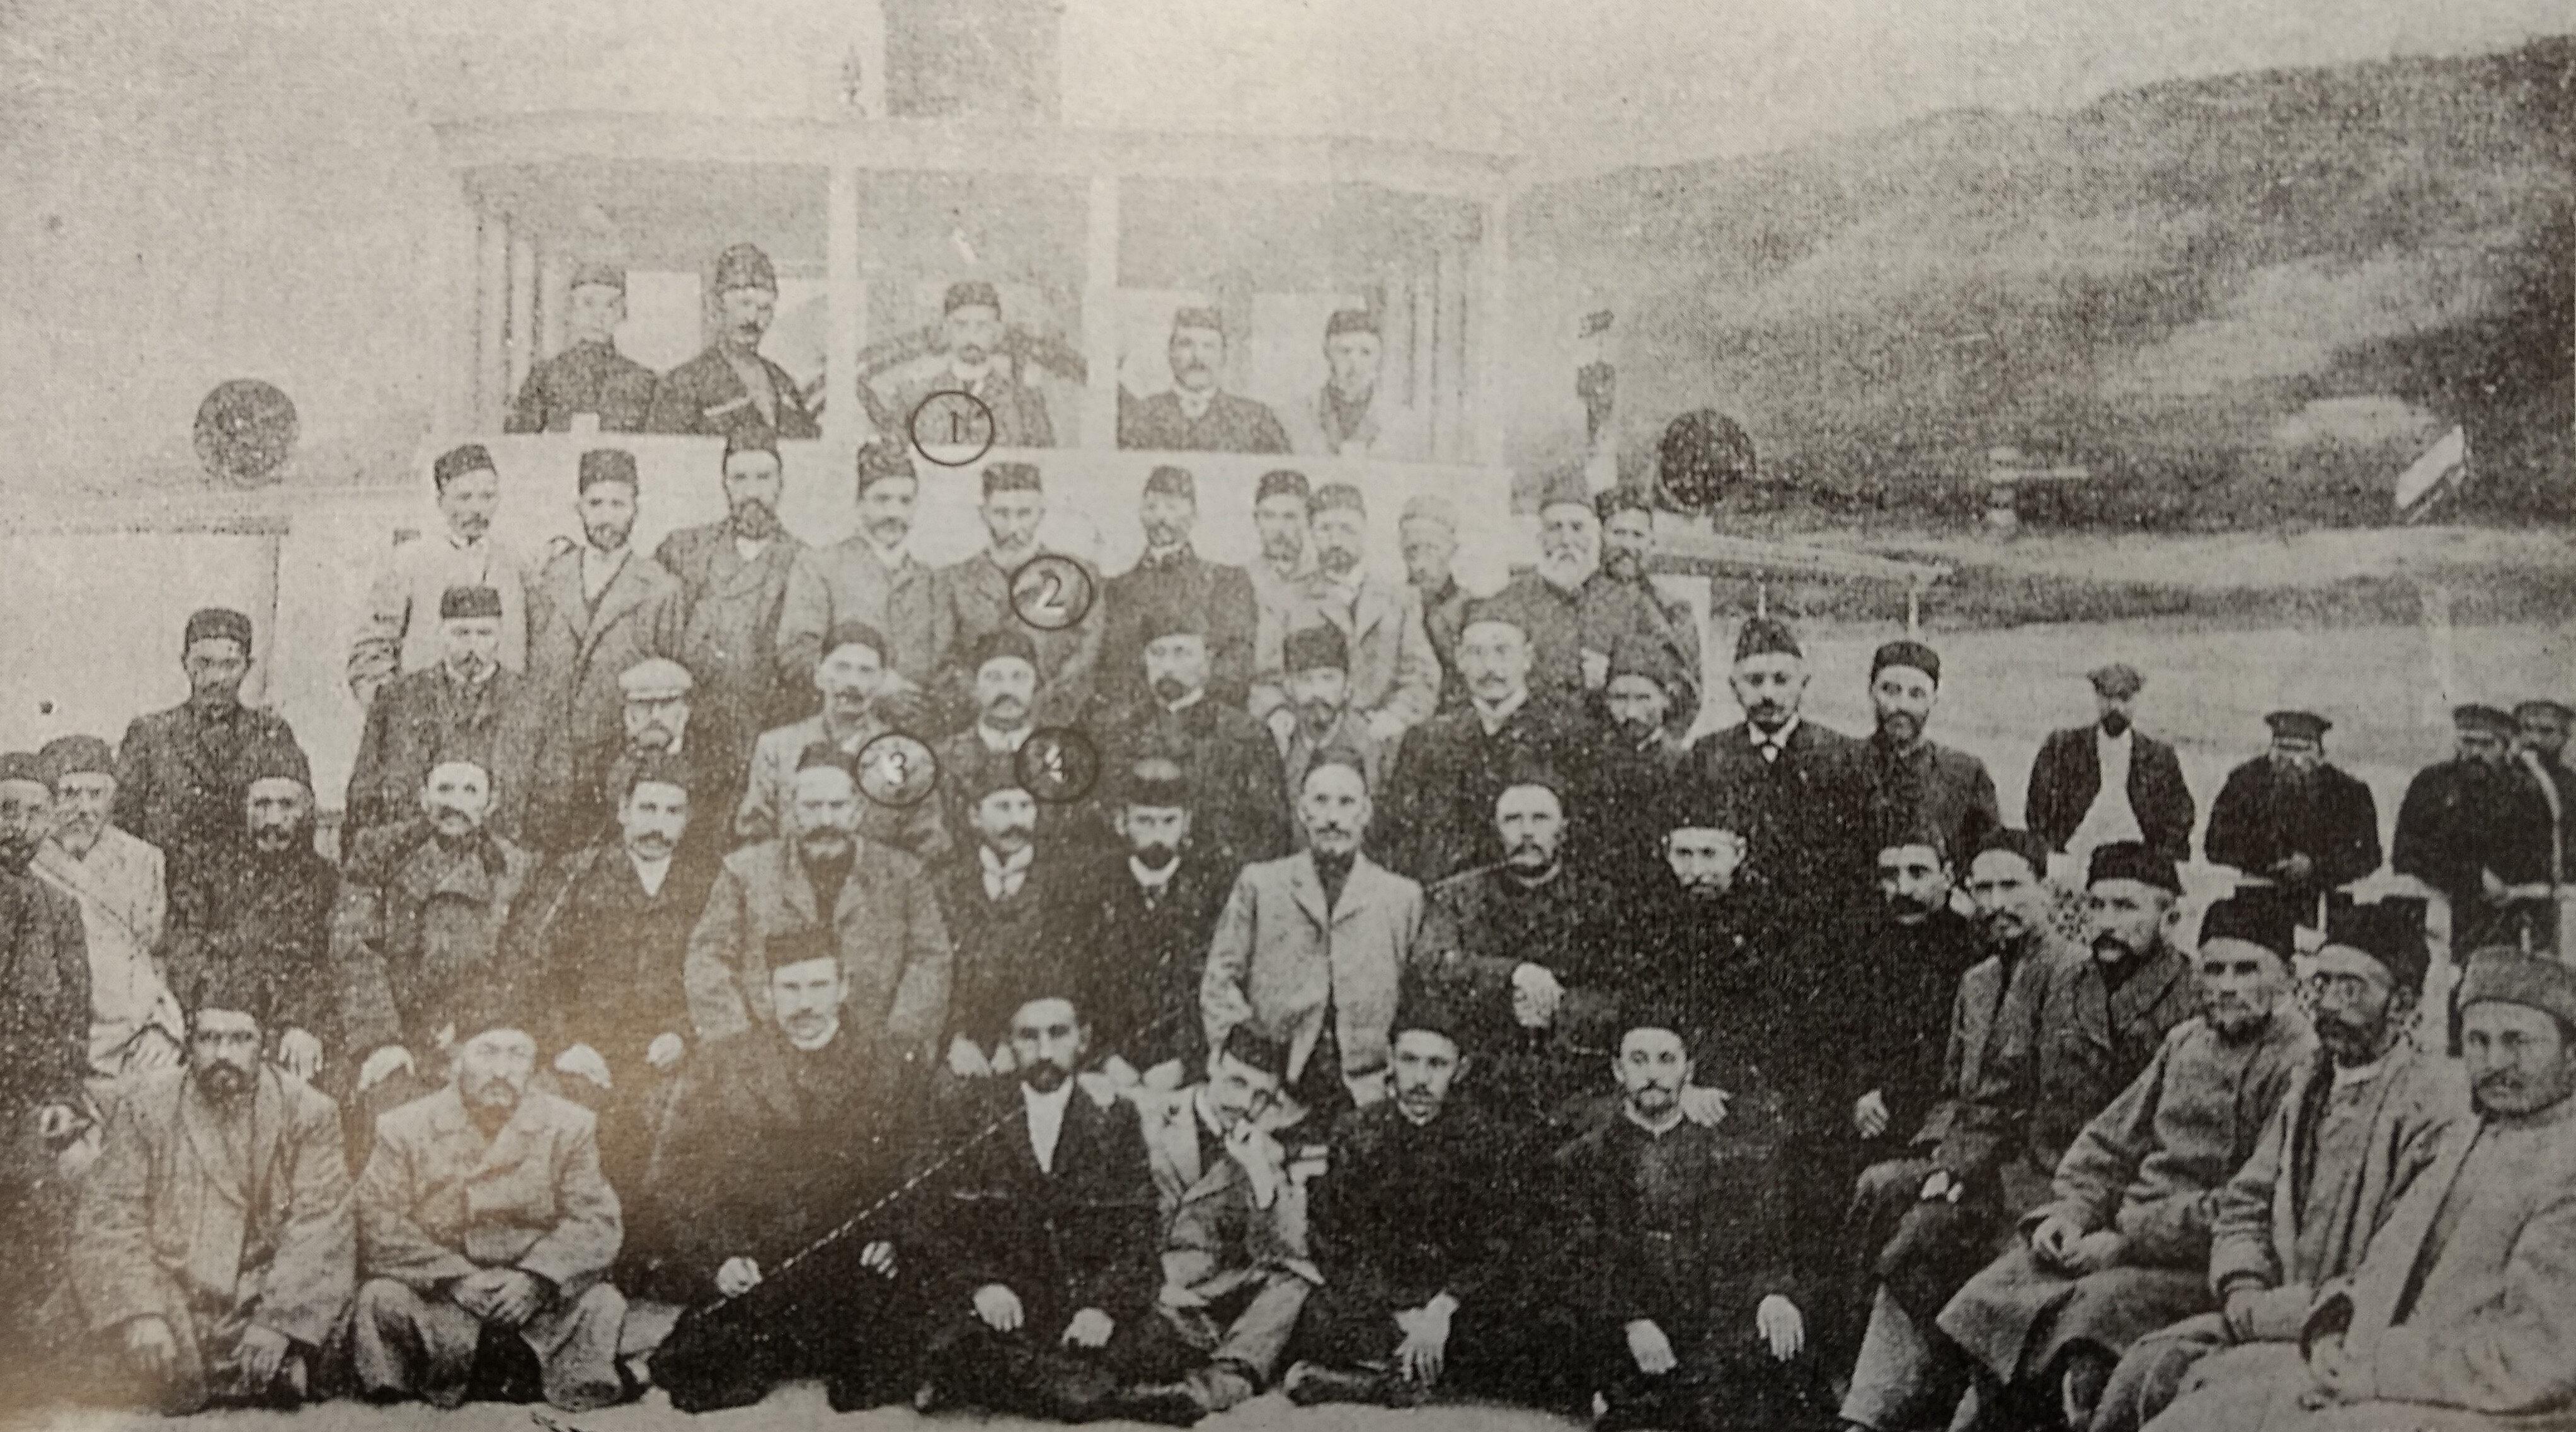 """Kiralanan """"Gustav Strove"""" teknesinde yapılan Birinci Rusya Müslümanları Kongresi'ne toplam 108 delege katılmıştı. Numaralandırılmış isimler: 1. Fatih Kerimi, 2. Abdureşid İbrahim, 3. İsmail Gaspırali, 4. Ali Merdan Bey Topçubaşov"""